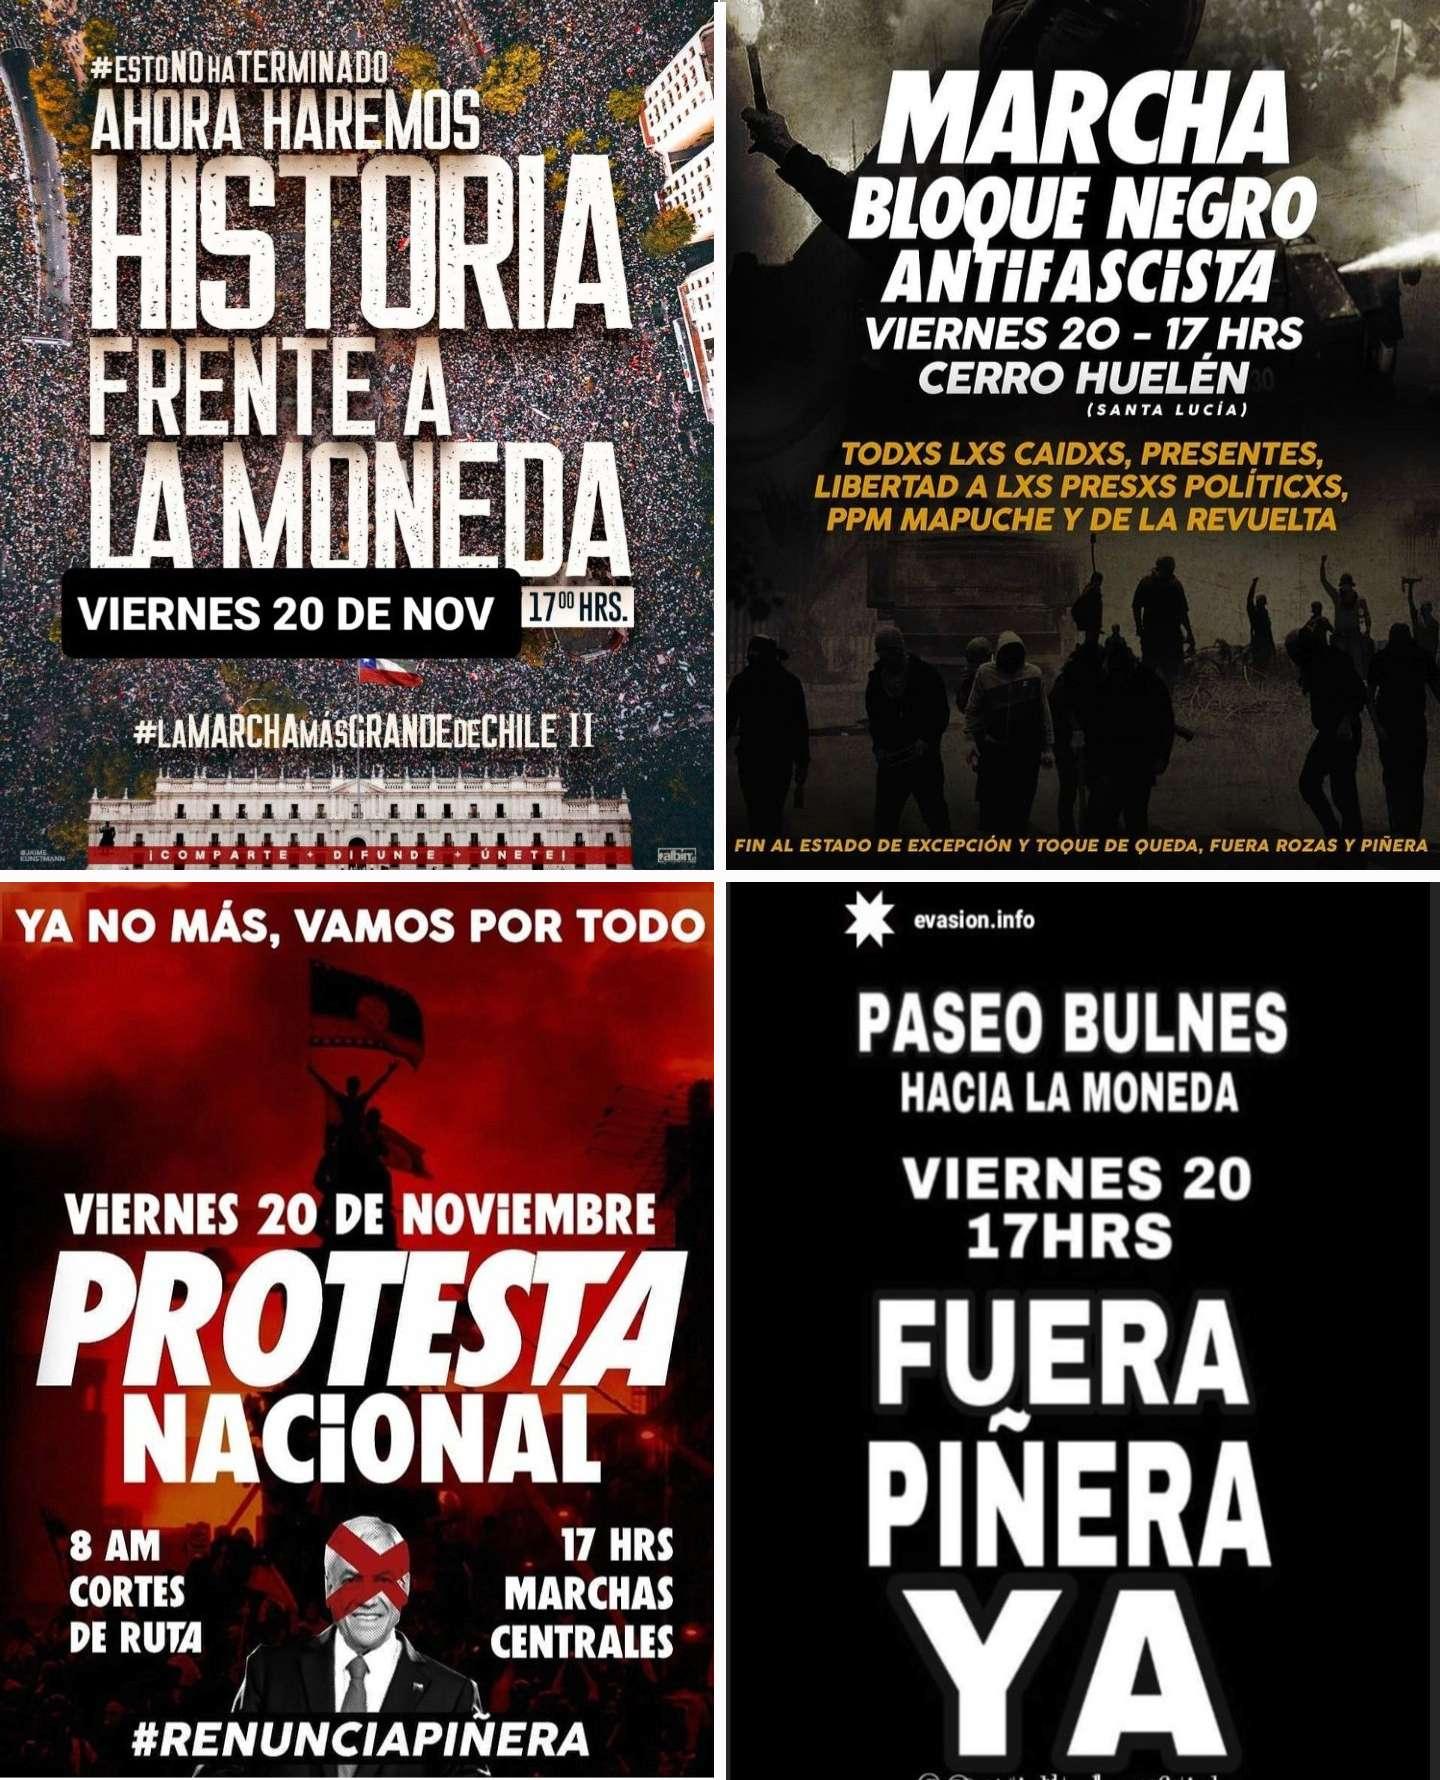 En Chile continúan protestas por renuncia del presidente Piñera